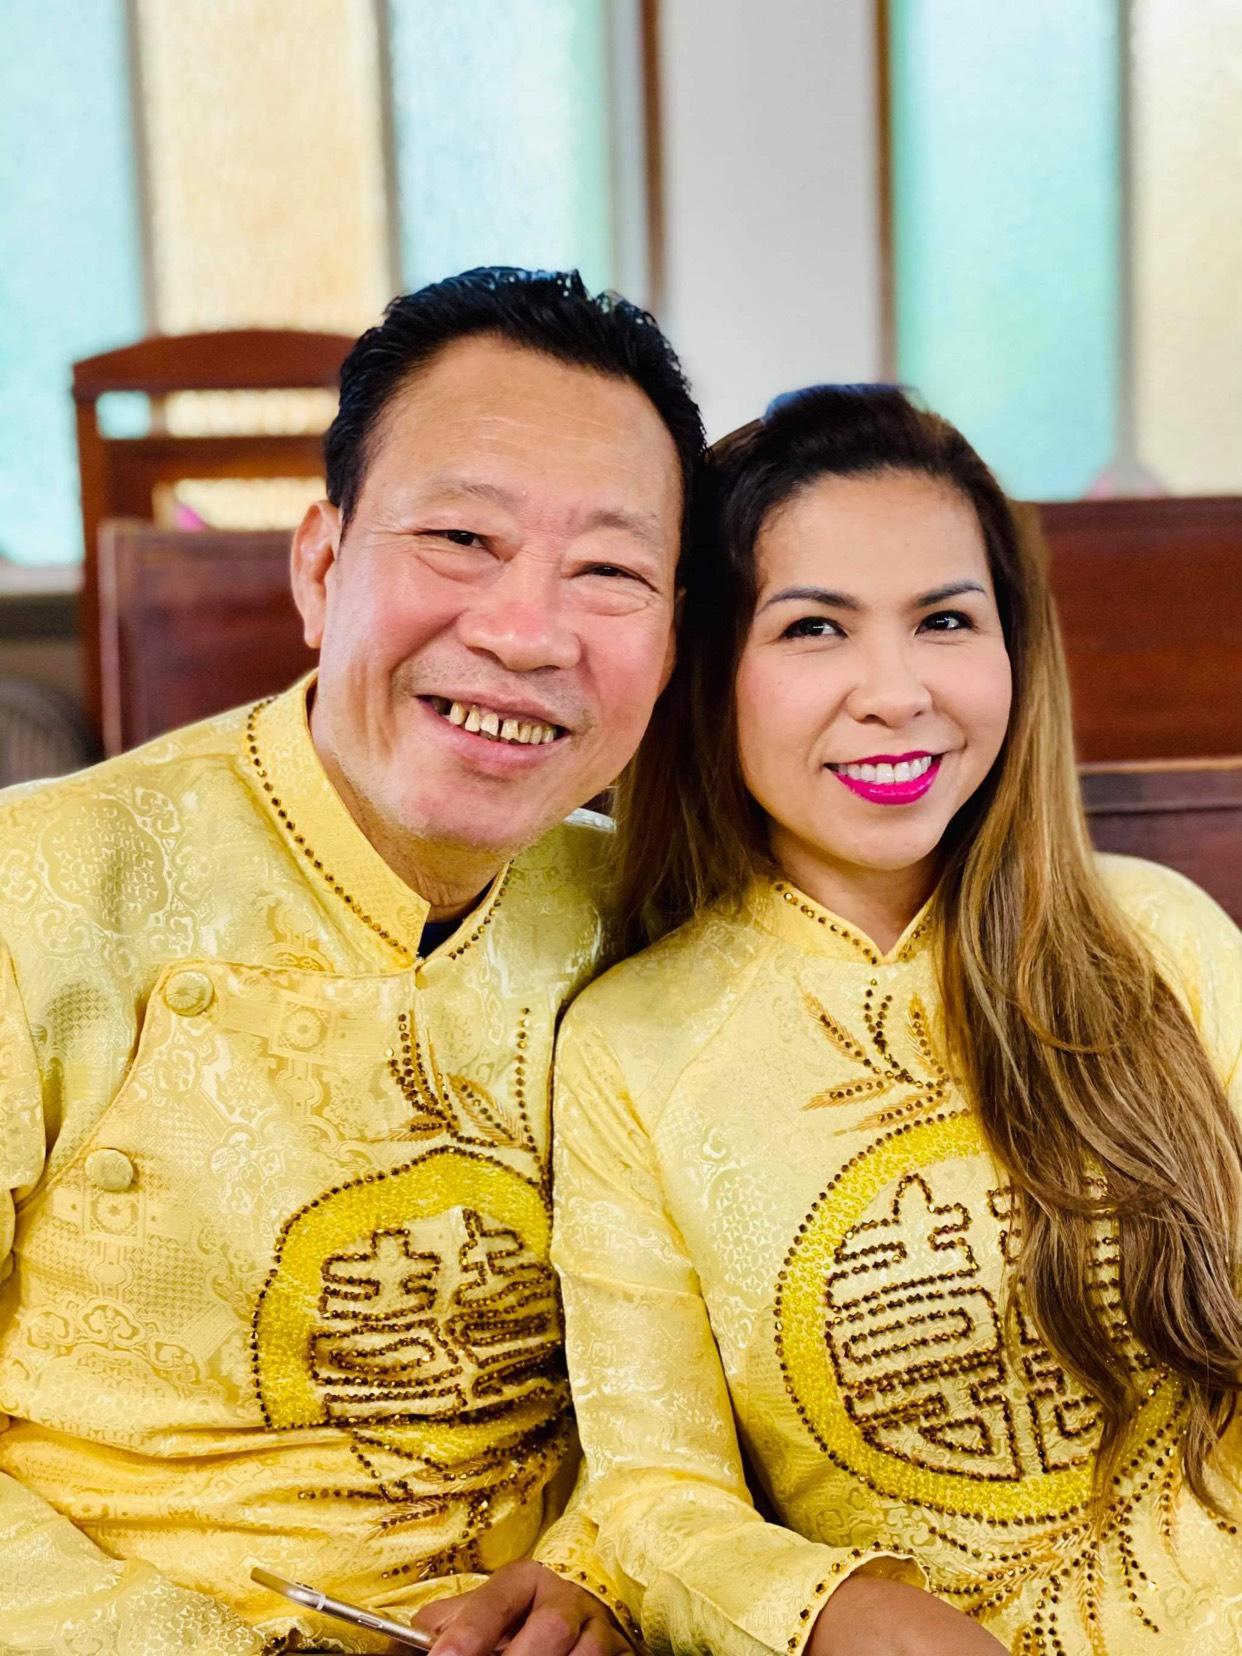 z2606492260651 9af841e3ac6fc02211e7e27c540d22c2 Trải qua thập tử nhất sinh, gia đình nghệ sỹ Cam Thơ – Lê Quang ấm êm kỷ niệm 27 năm ngày cưới